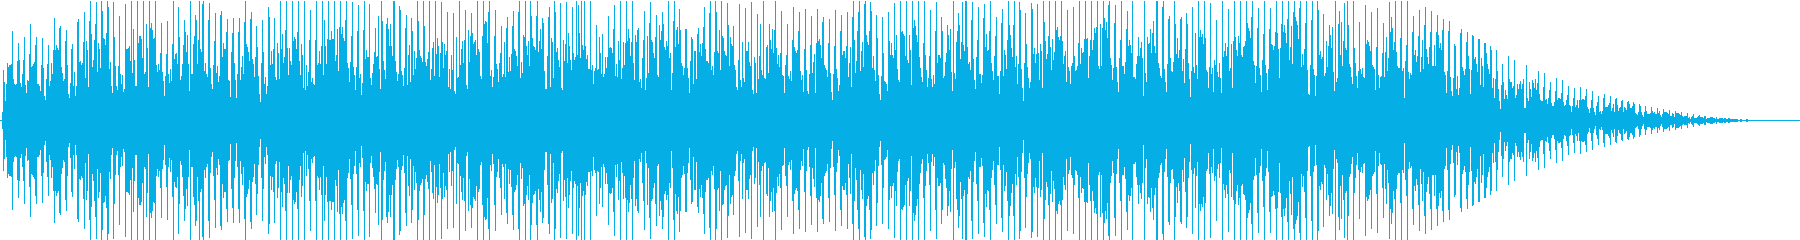 フルートが爽やかな感動系映像向けダンス曲の再生済みの波形